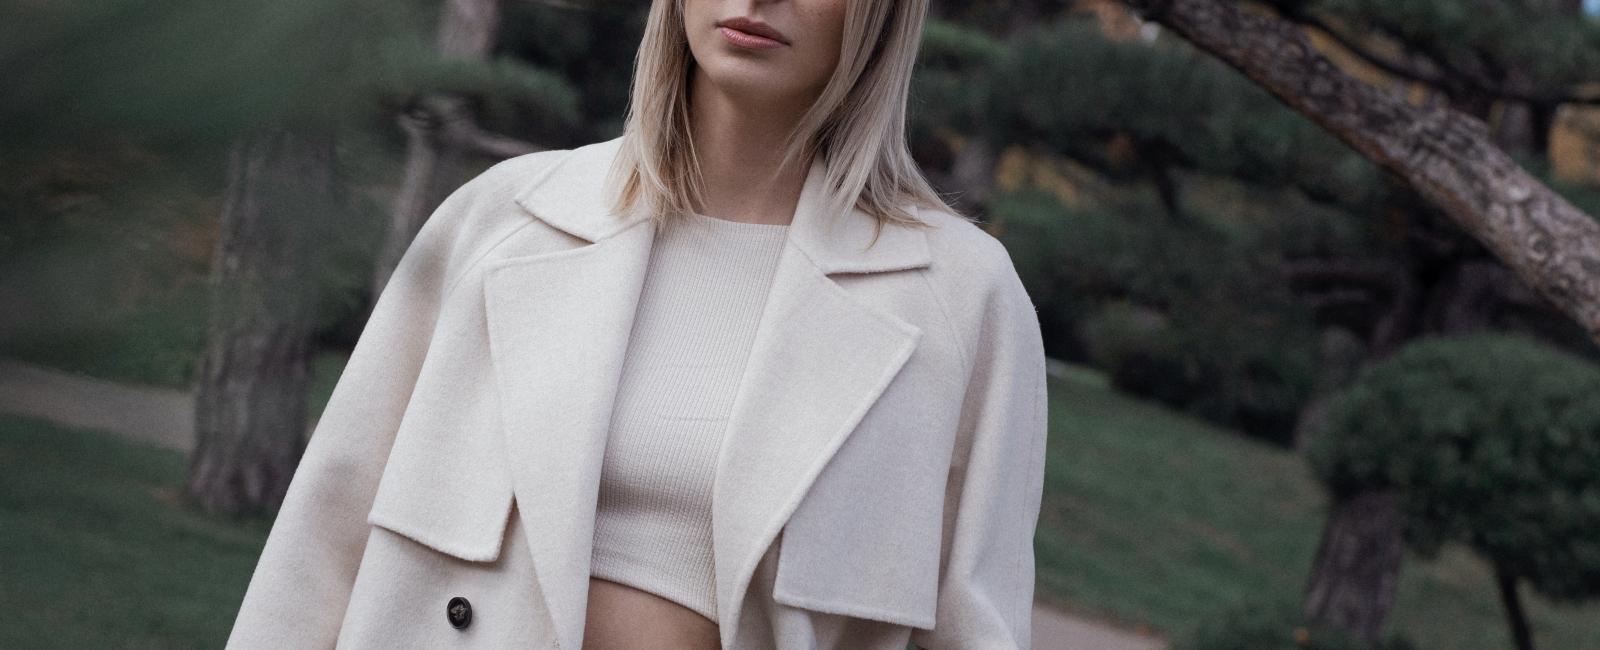 Marella-MOD-by-Monique-Wool-Coat-Nov-2020